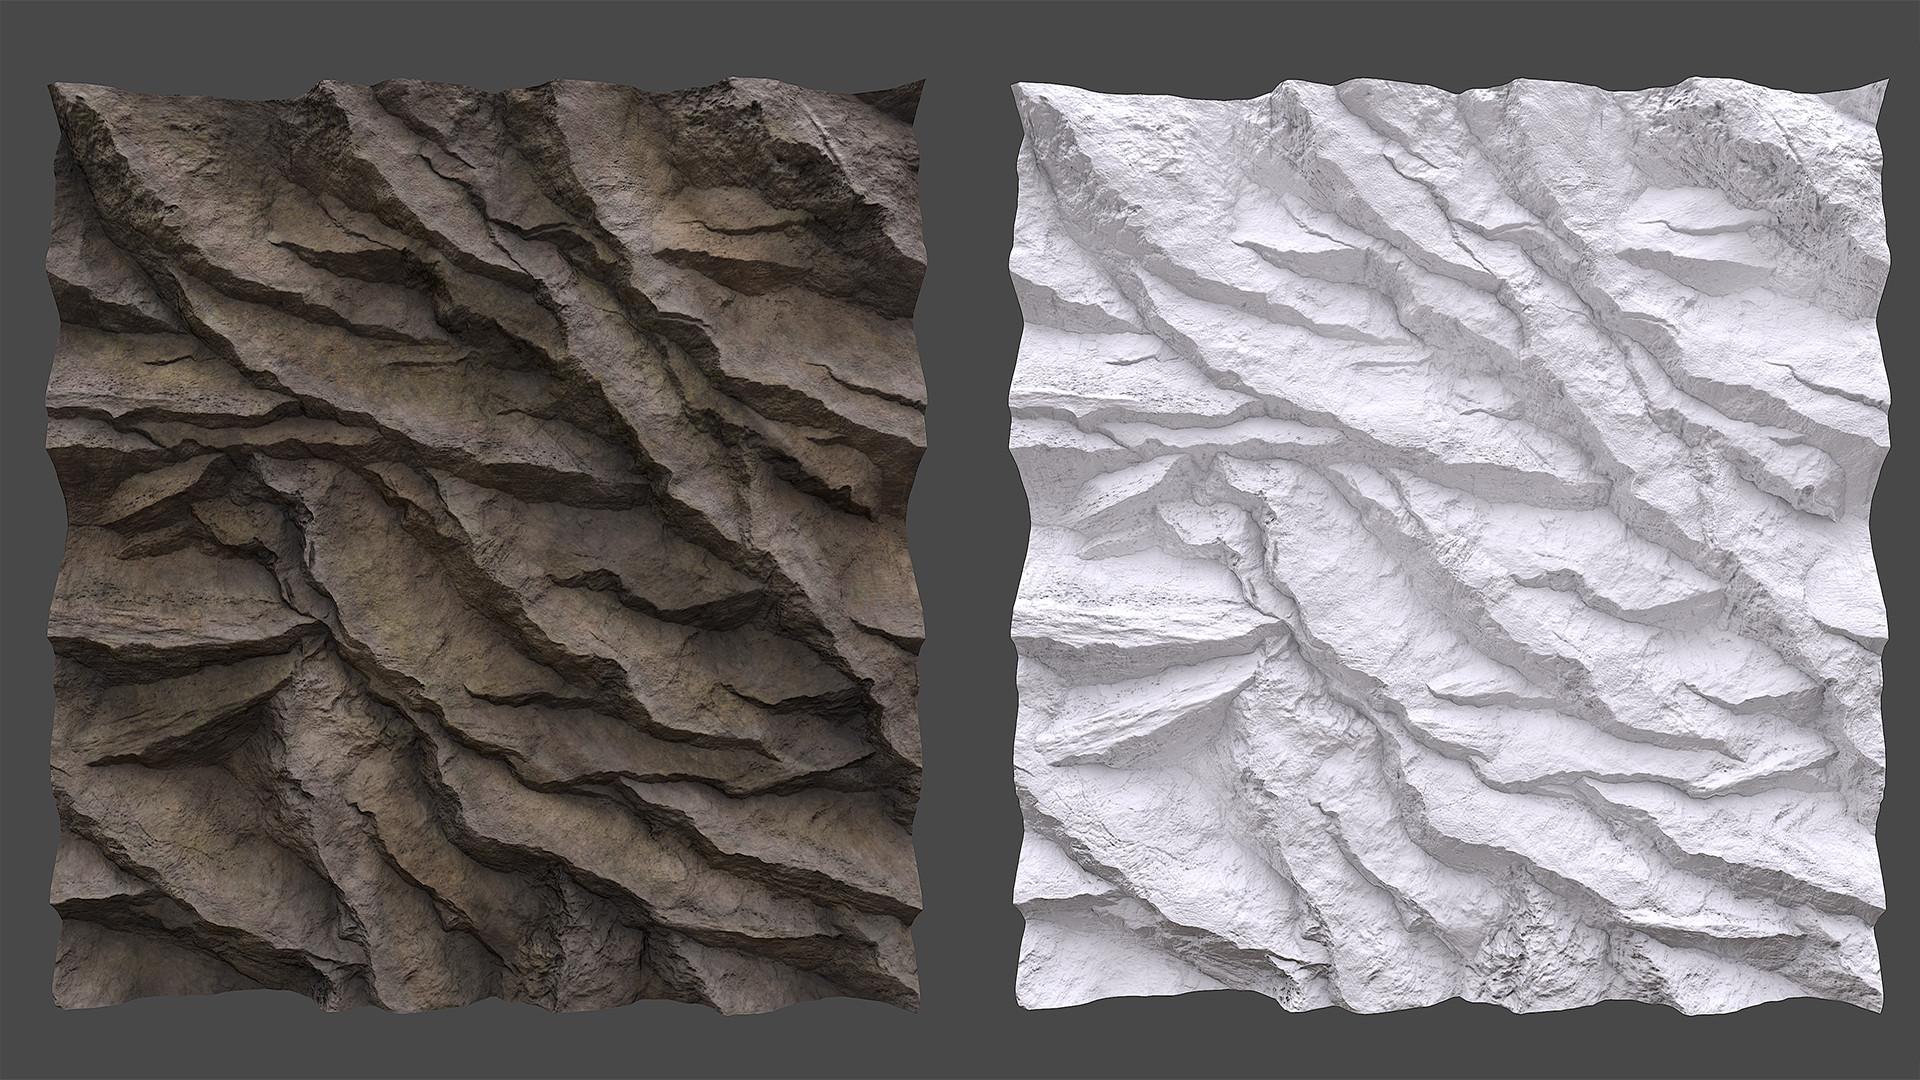 Najim filali saksak cliff texture 2k